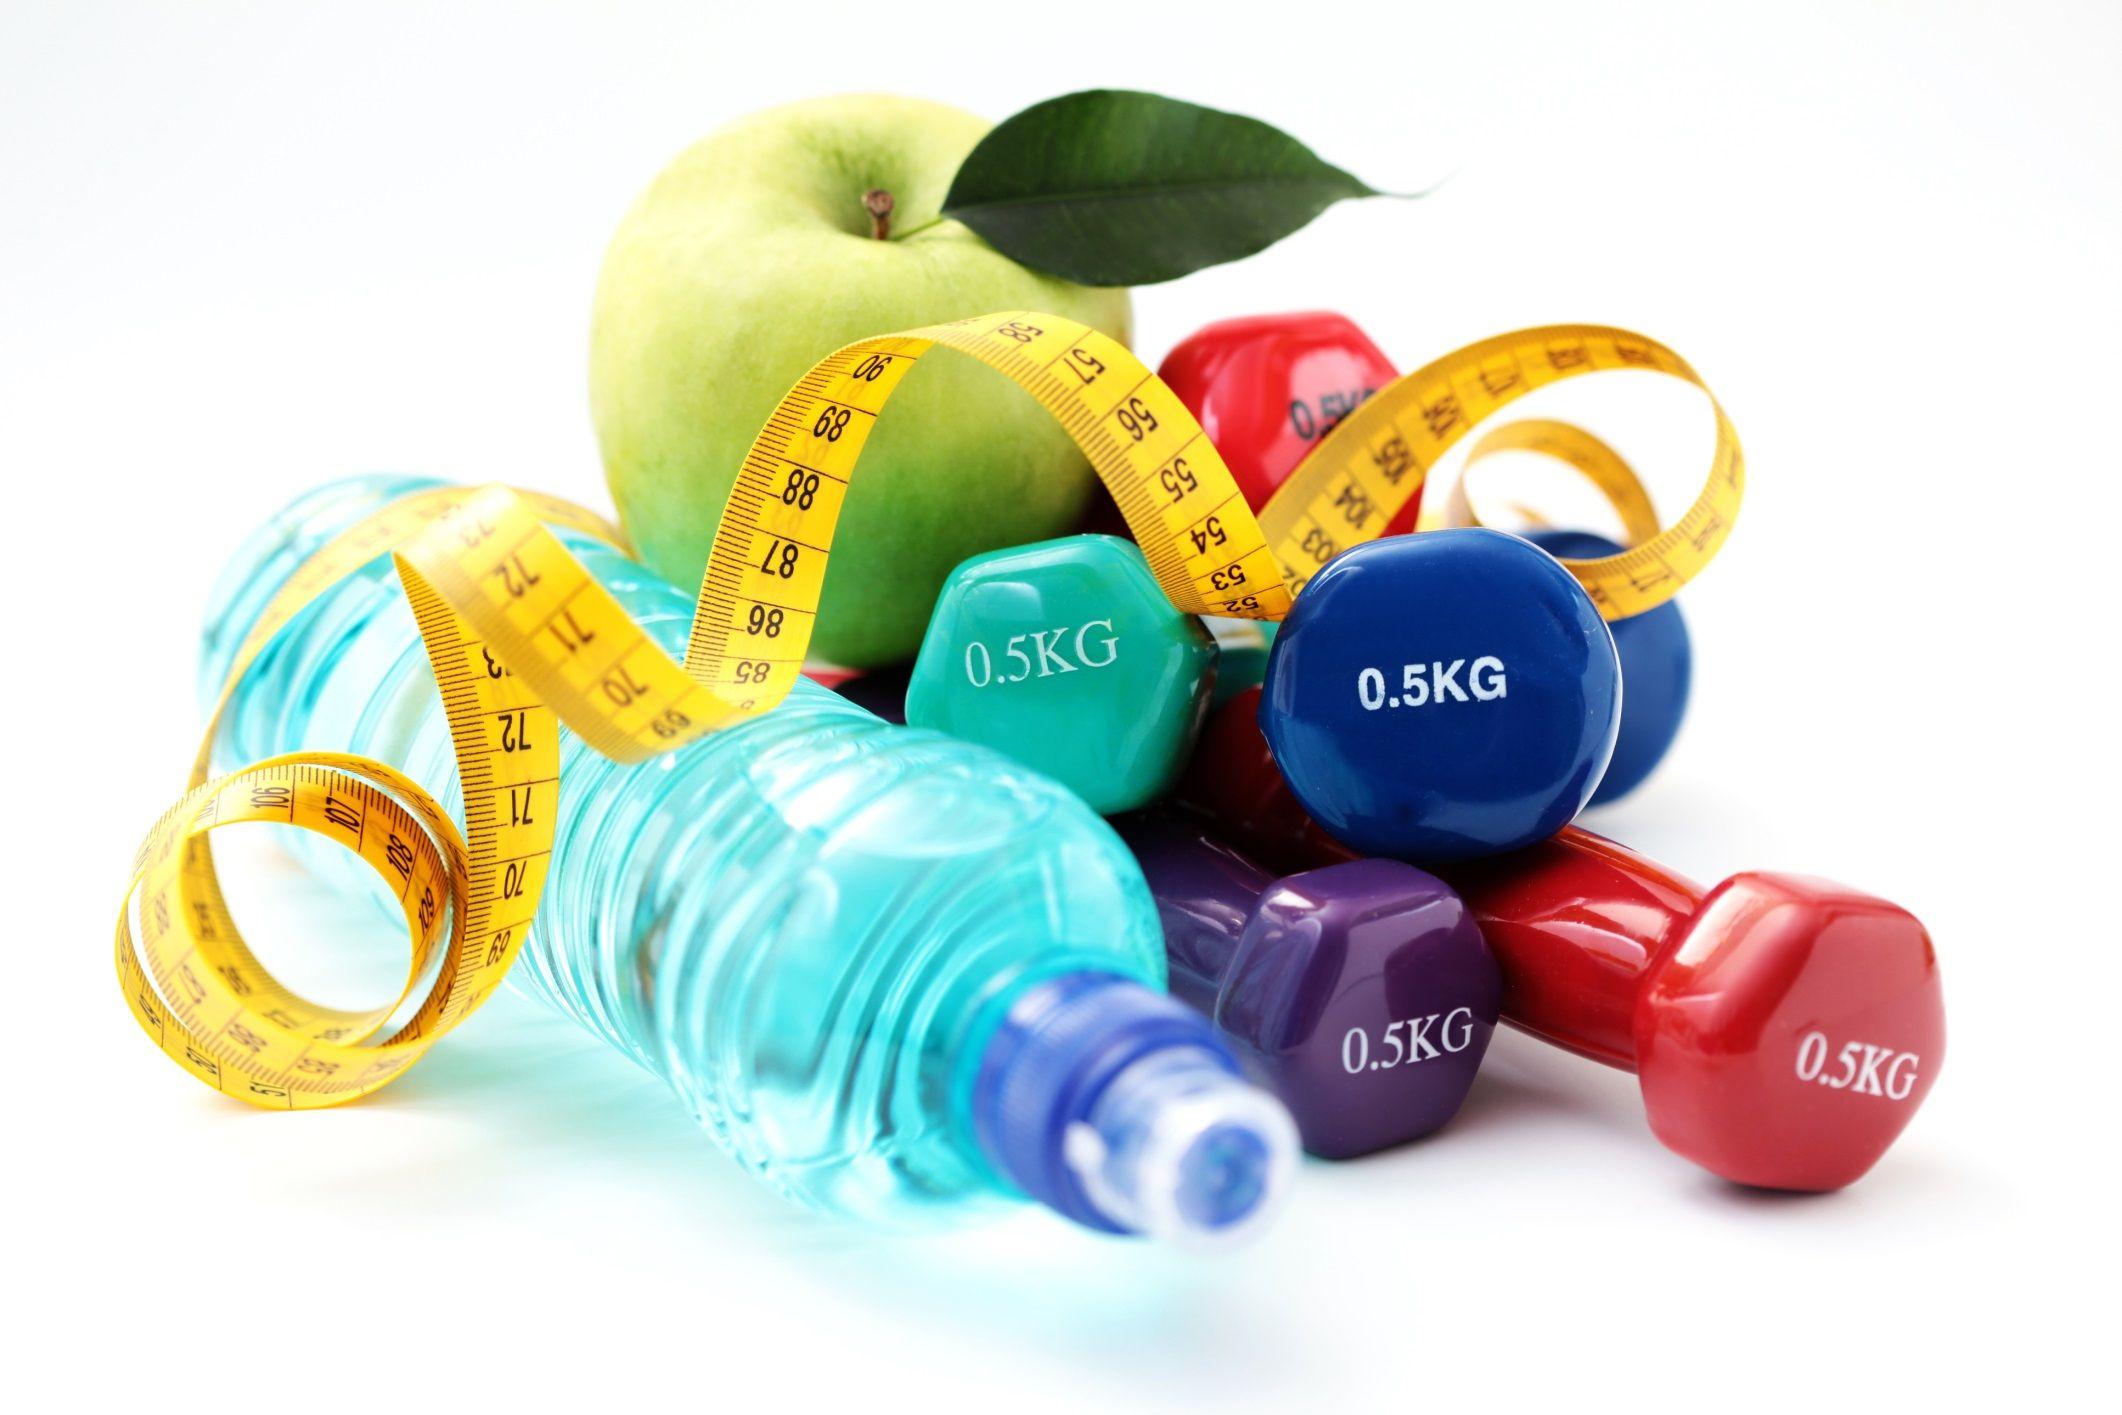 Szuper zsírégető diéta: havonta 4-6 kilót fogyhatsz úgy, hogy közben annyit ehetsz, amennyit akarsz